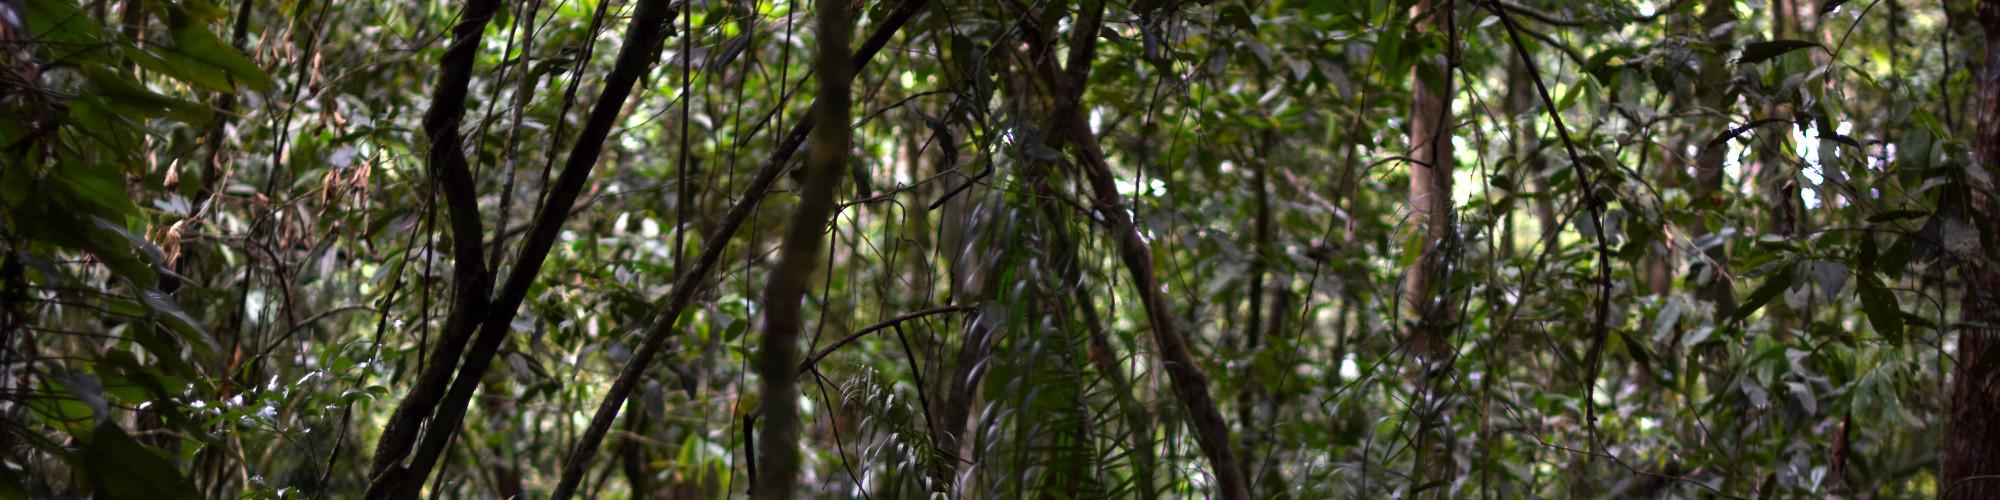 Poissons et milieux aquatiques d'Amazonie